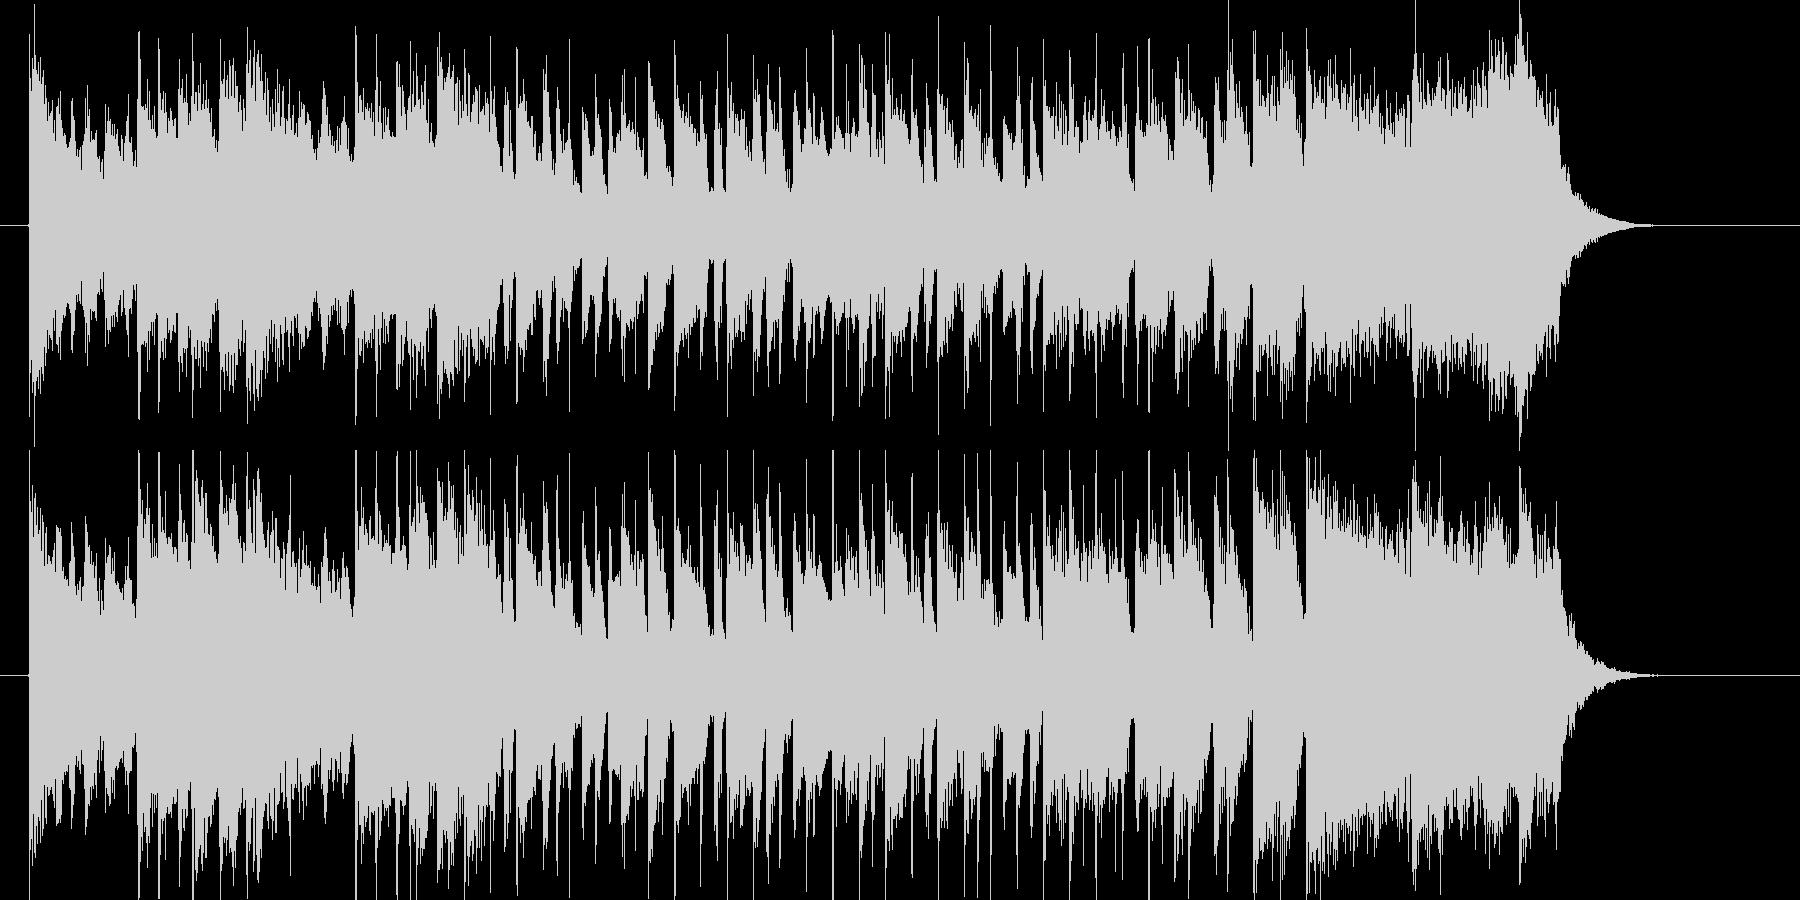 激しくてアップテンポなリズムのジングル曲の未再生の波形